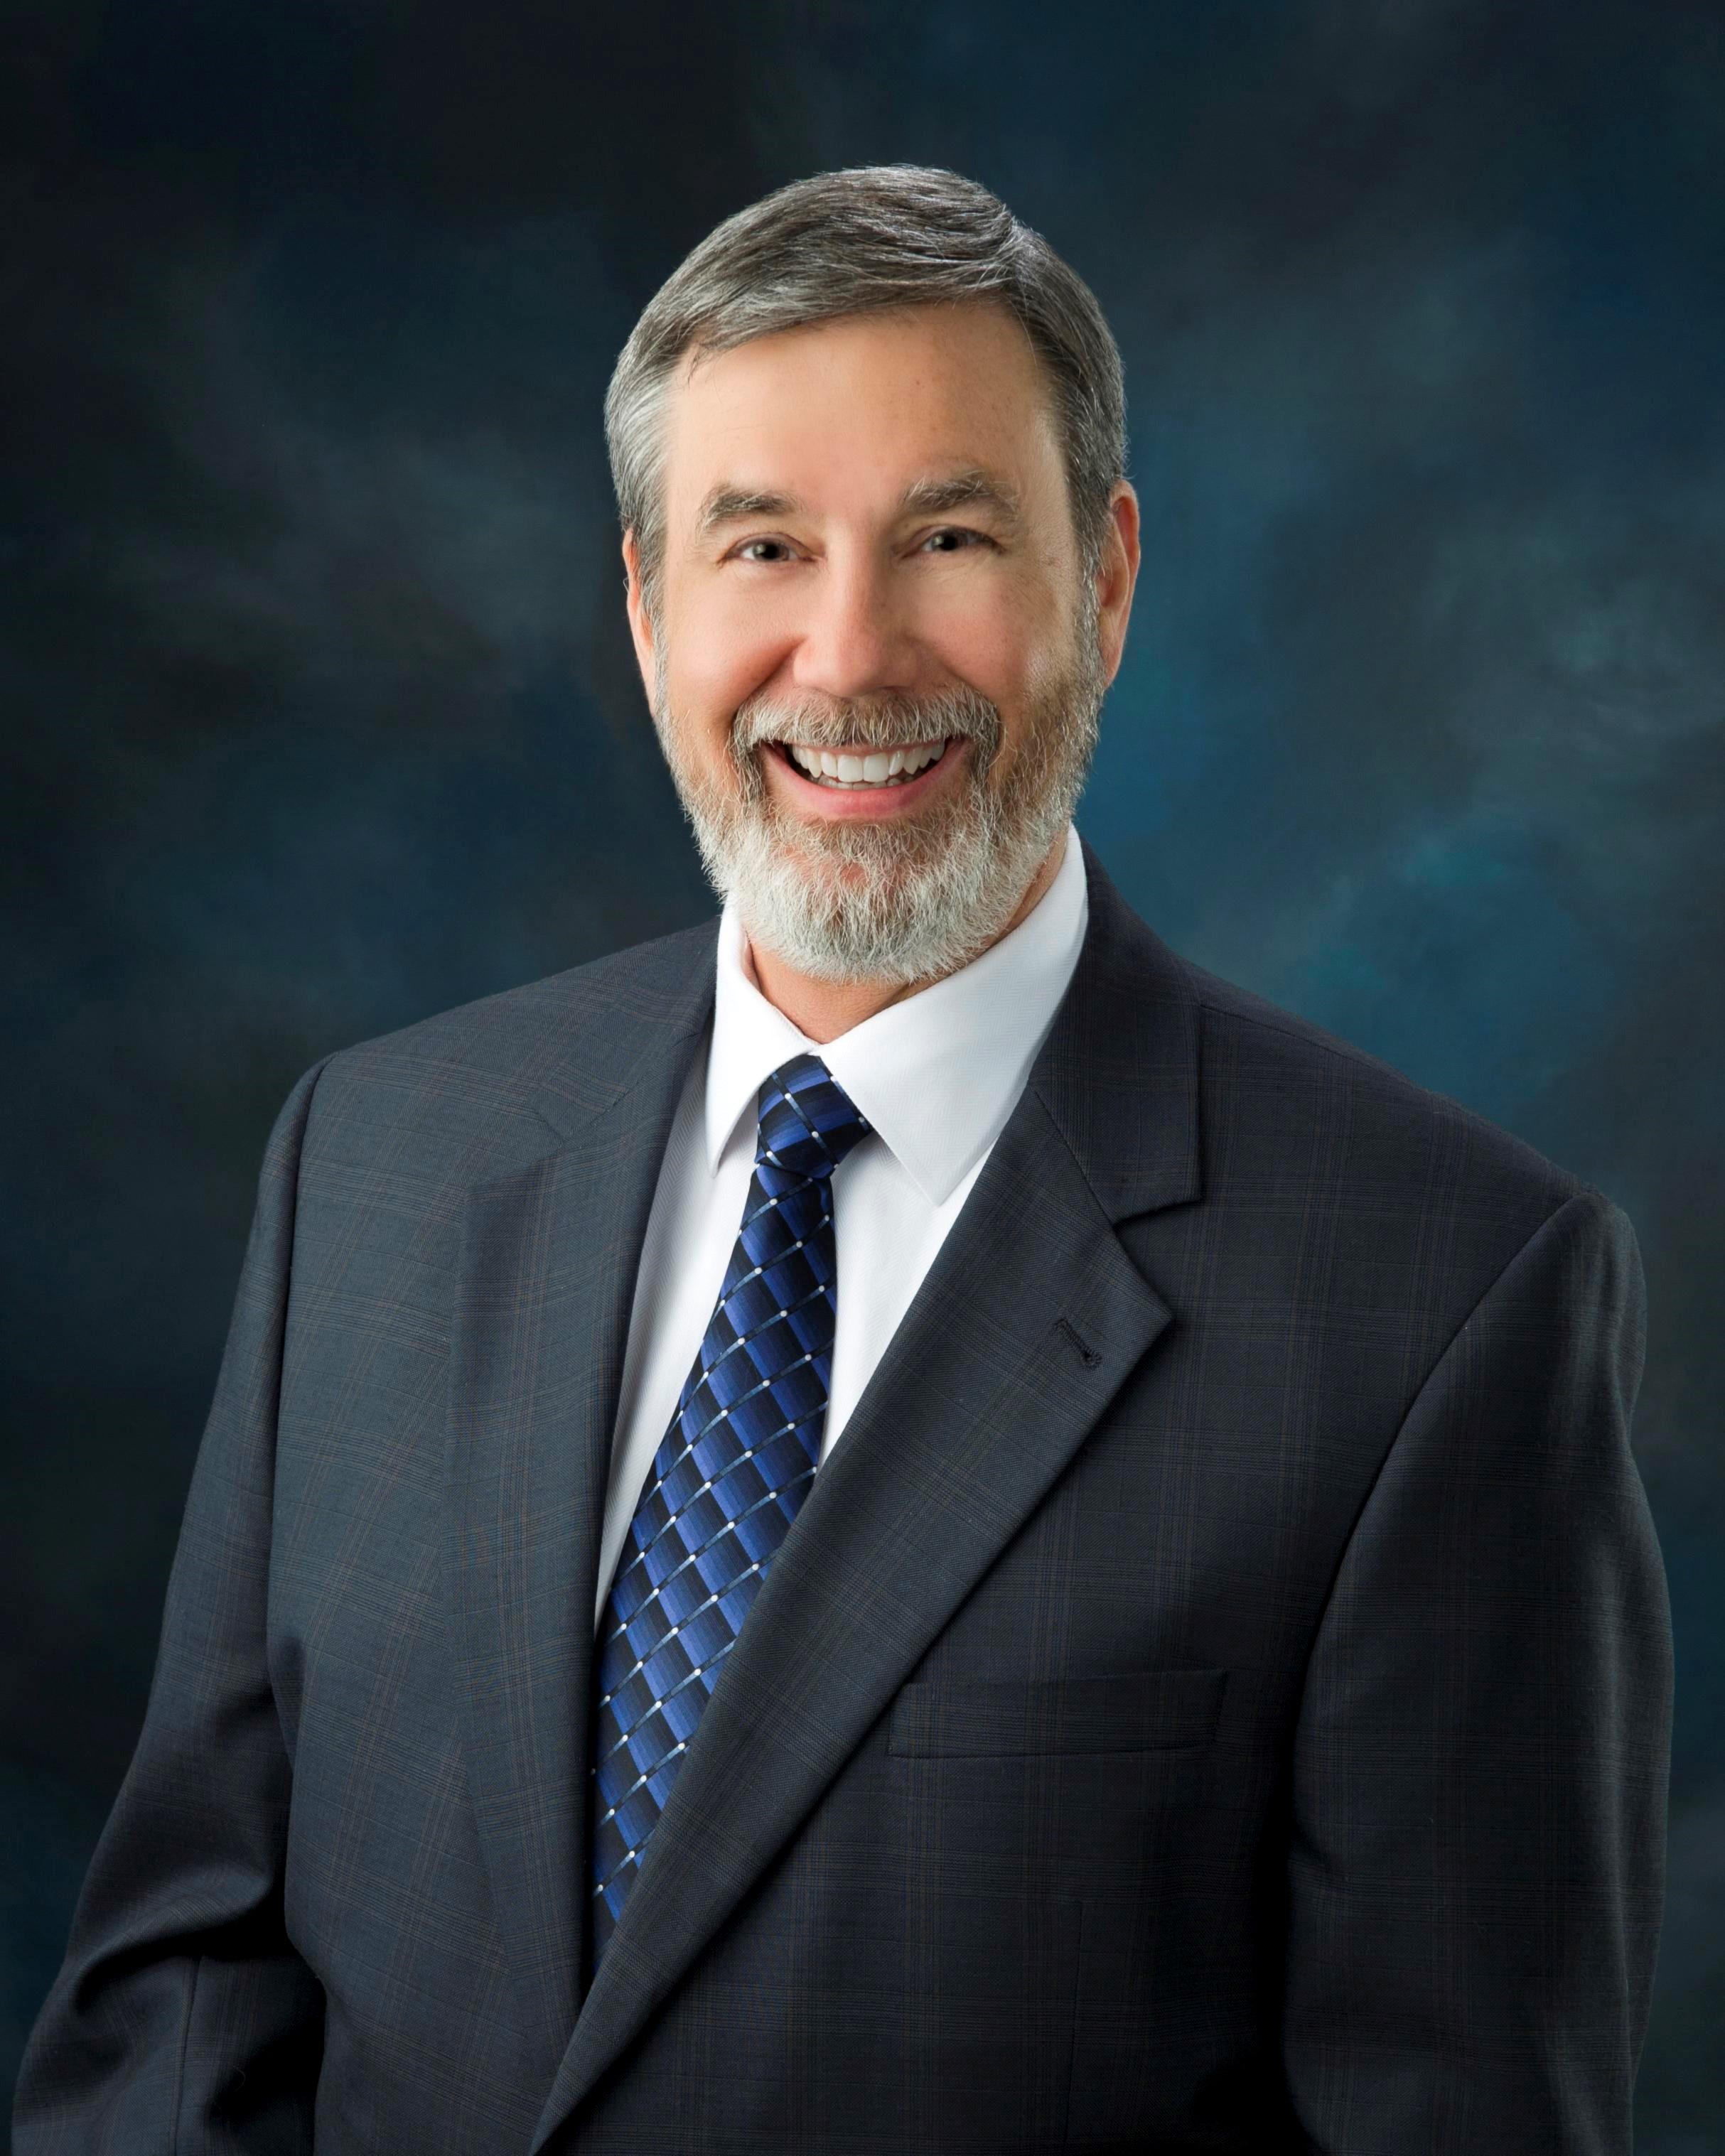 David Culpepper